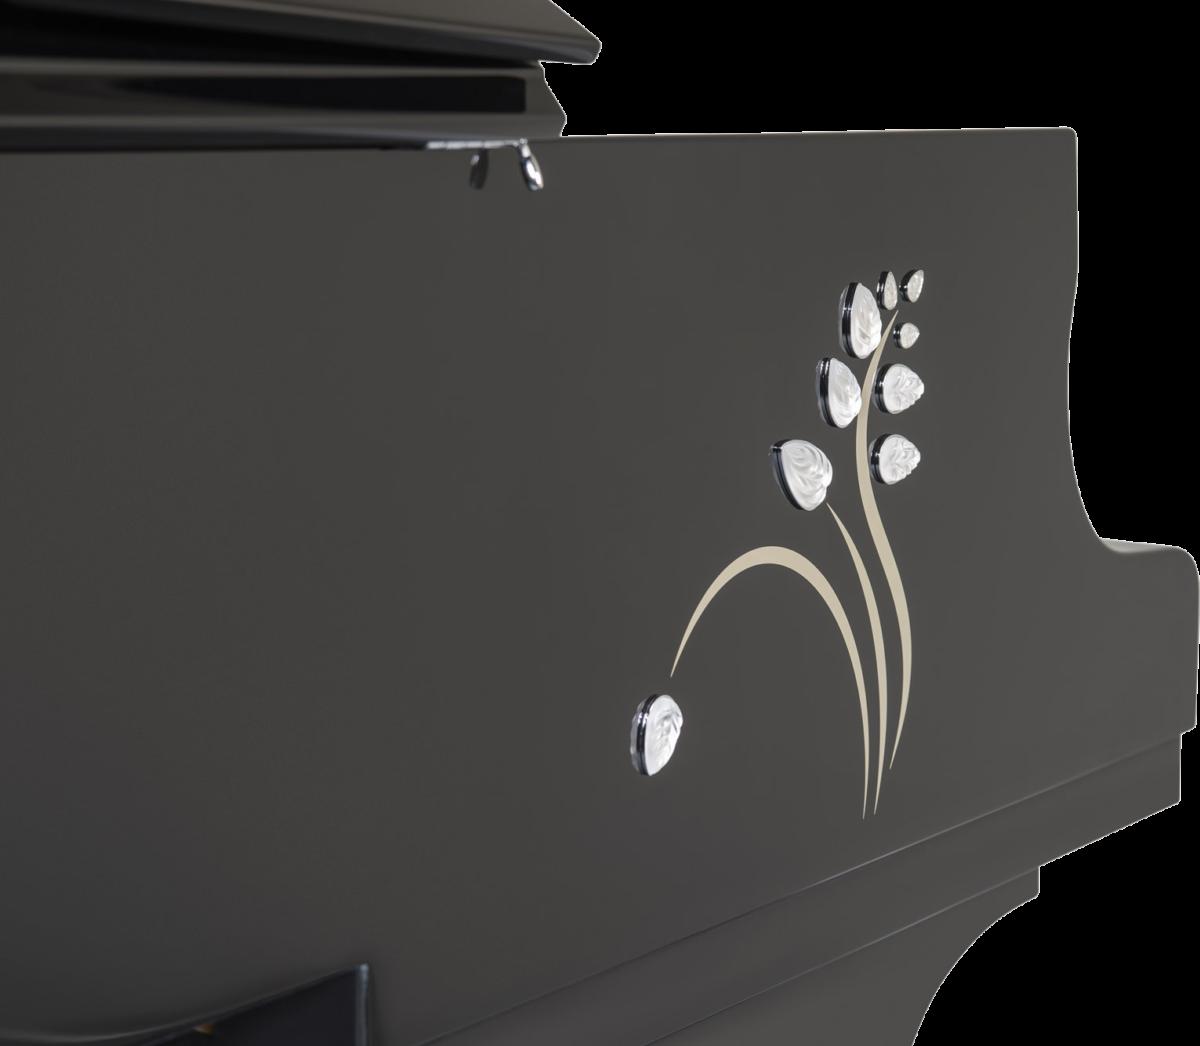 piano-cola-steinway-sons-b211-artesanal-heliconia-lalique-nuevo-edicion-limitada-negro-detalle